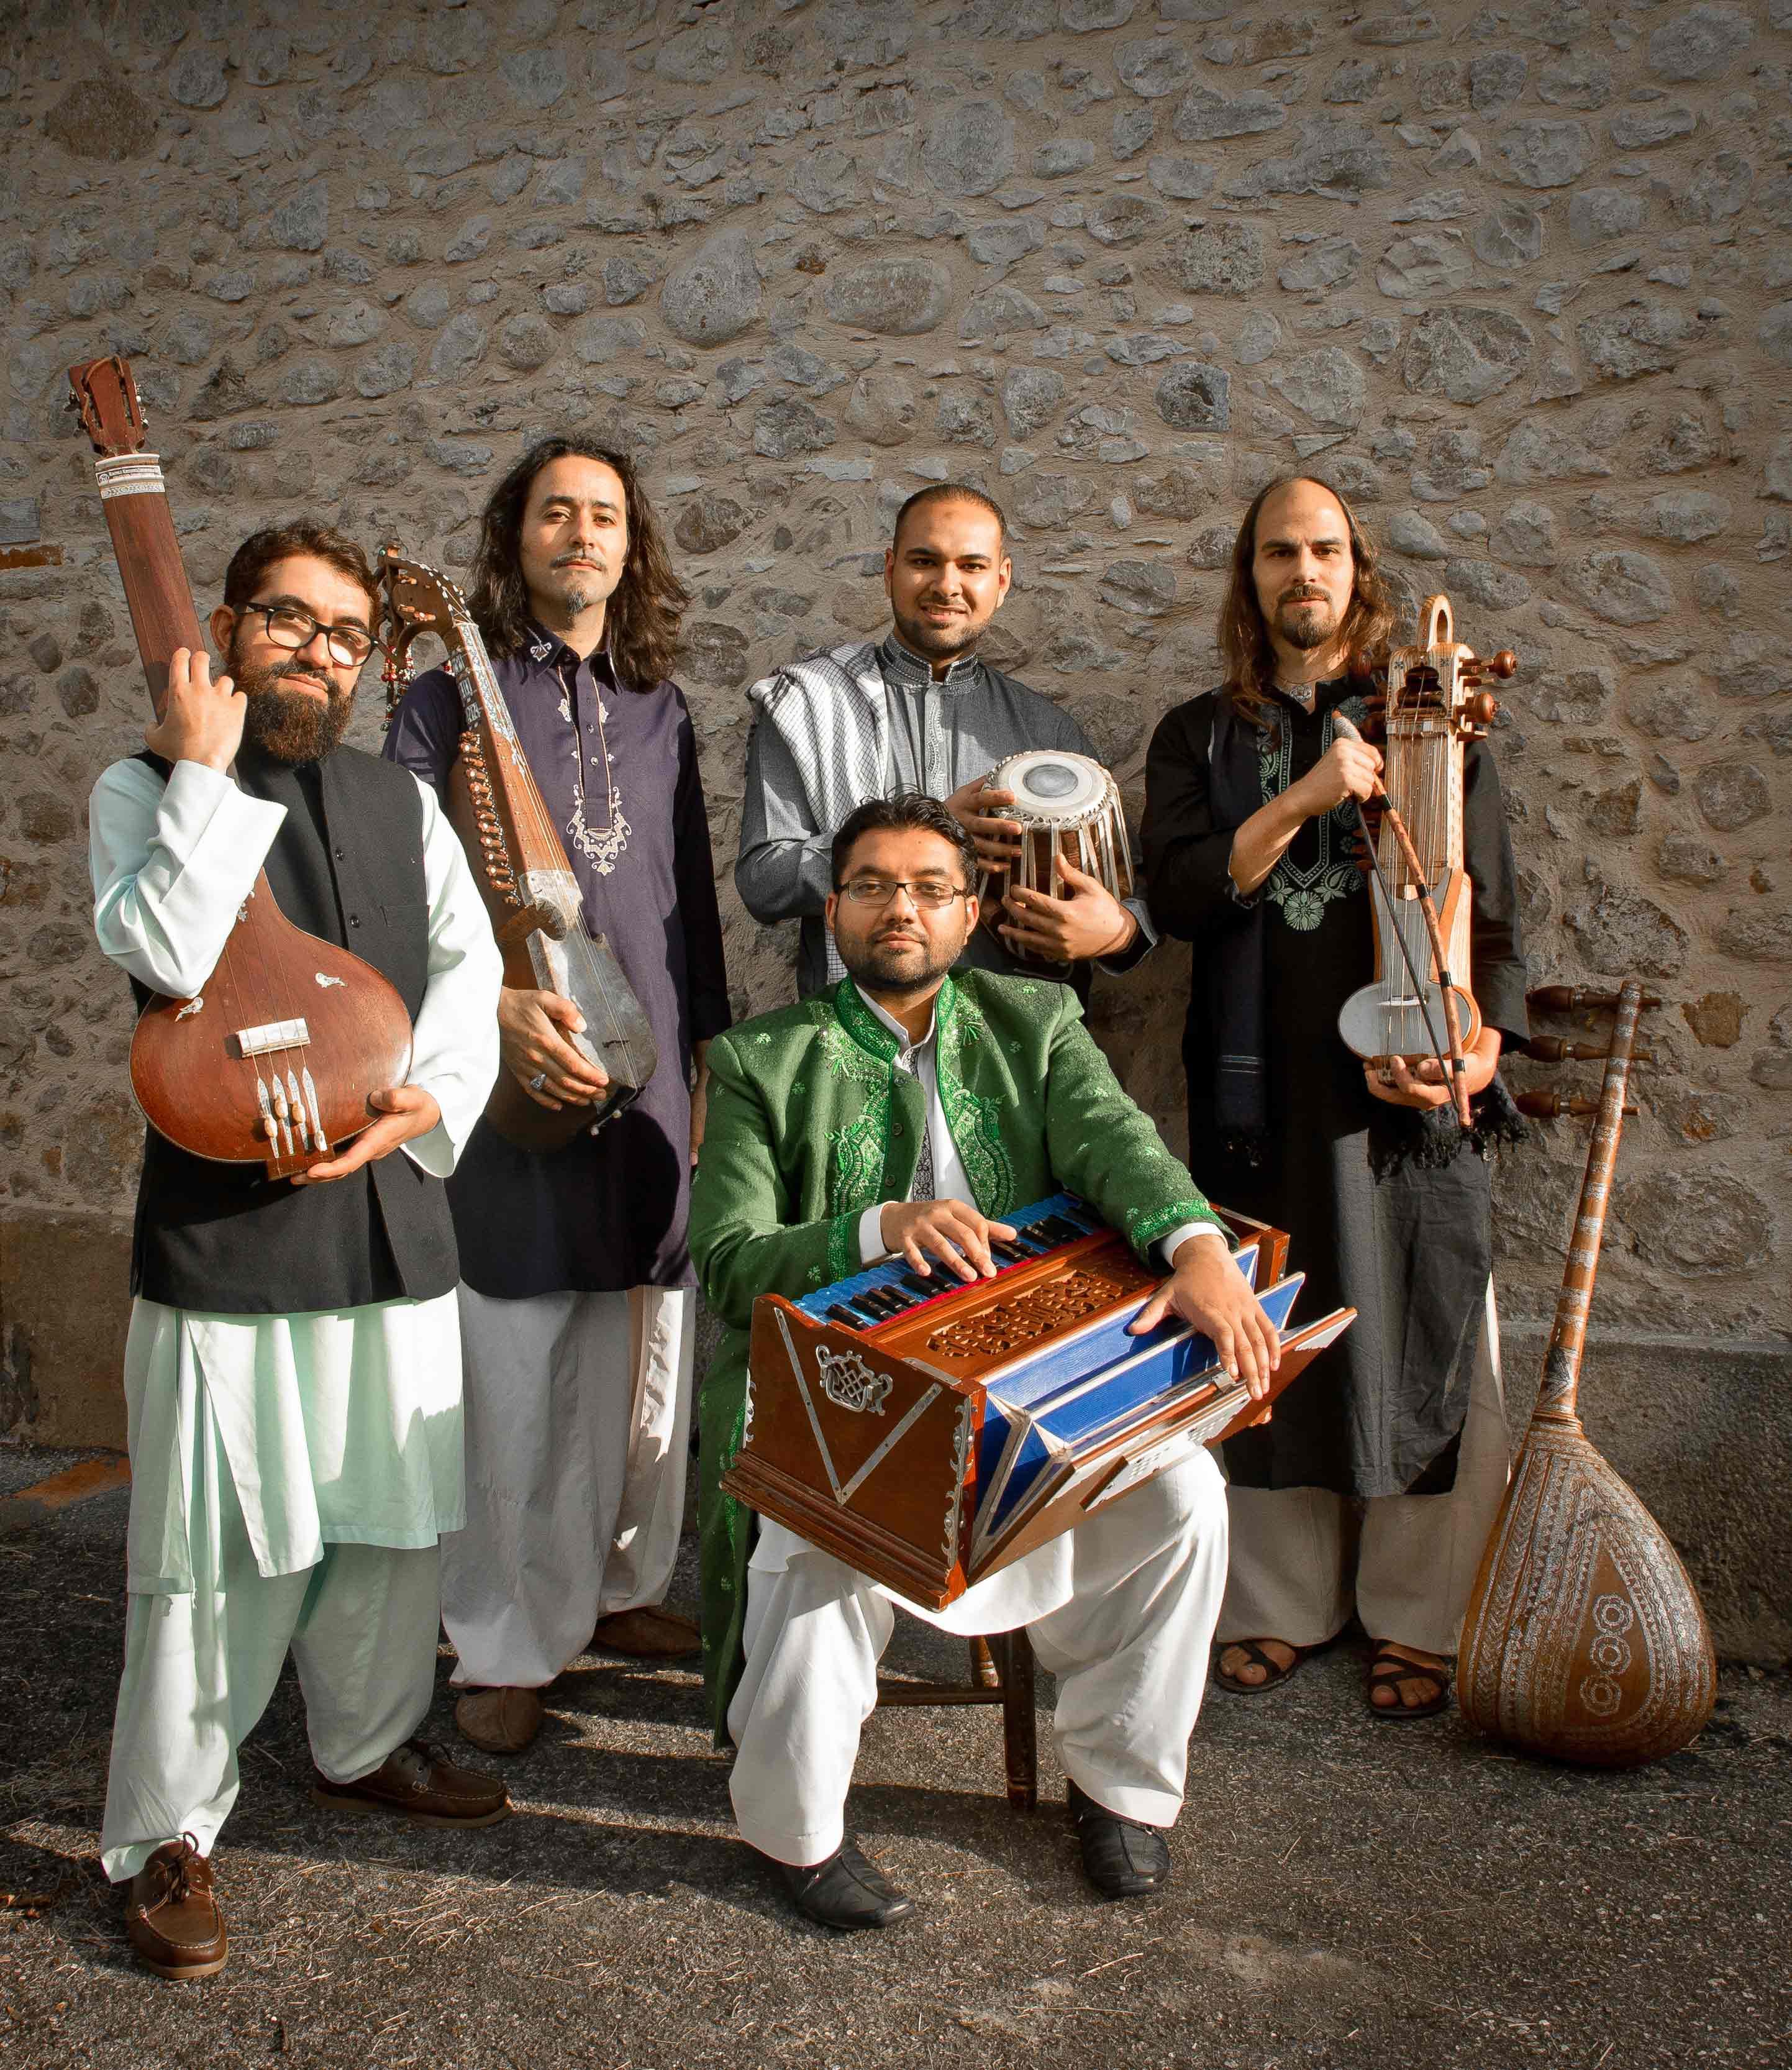 http://www.saphirnews.com/agenda/AFTAB-Chants-du-Pakistan-Voyage-au-coeur-des-chants-mystiques_ae420509.html